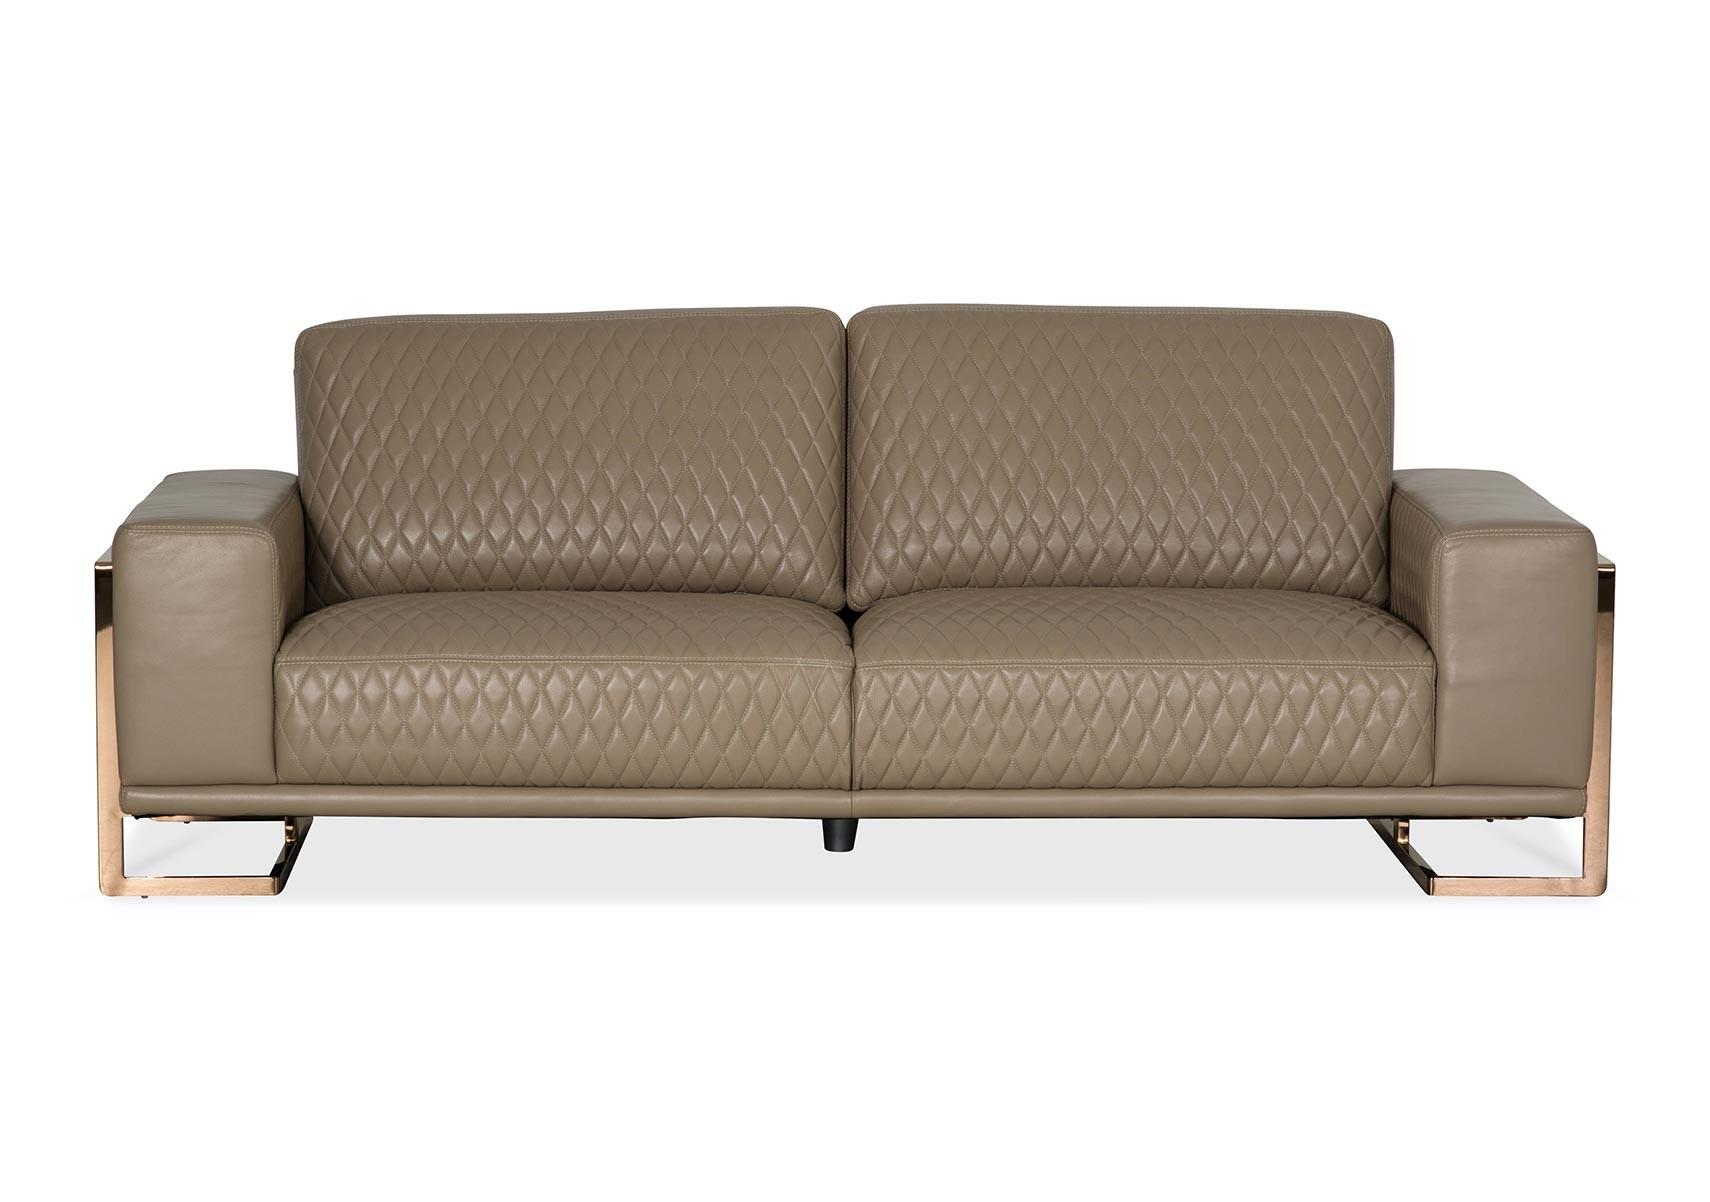 faux leather sofa india sofas bad back lacks hillsboro